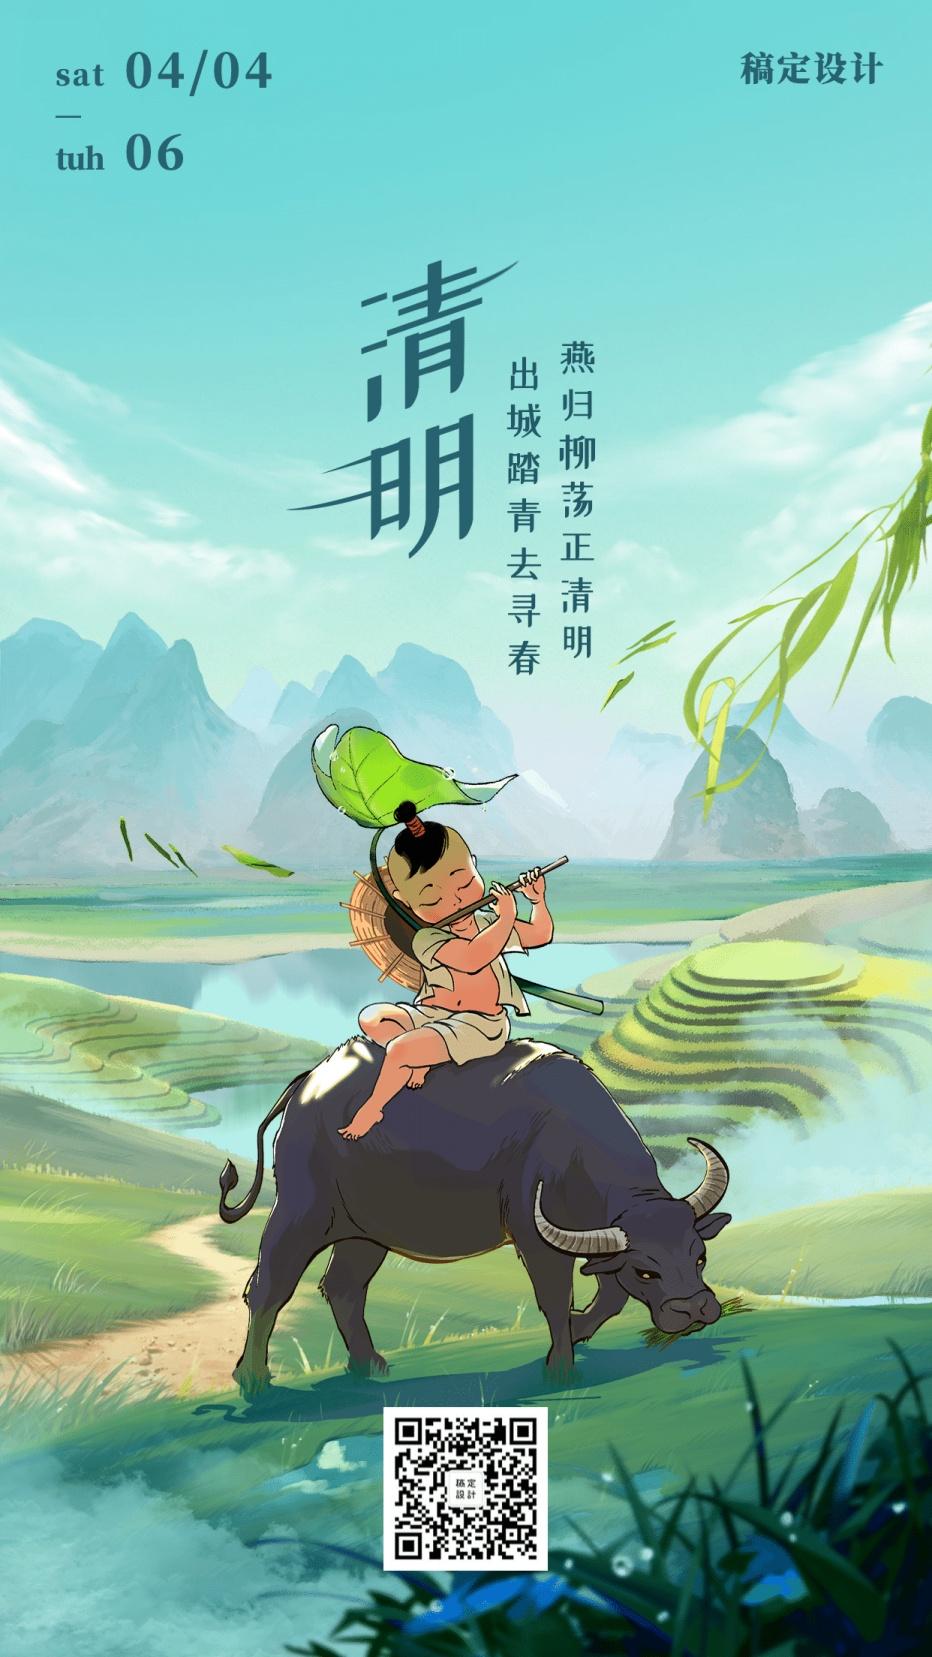 清明节山水牧童手绘手机海报